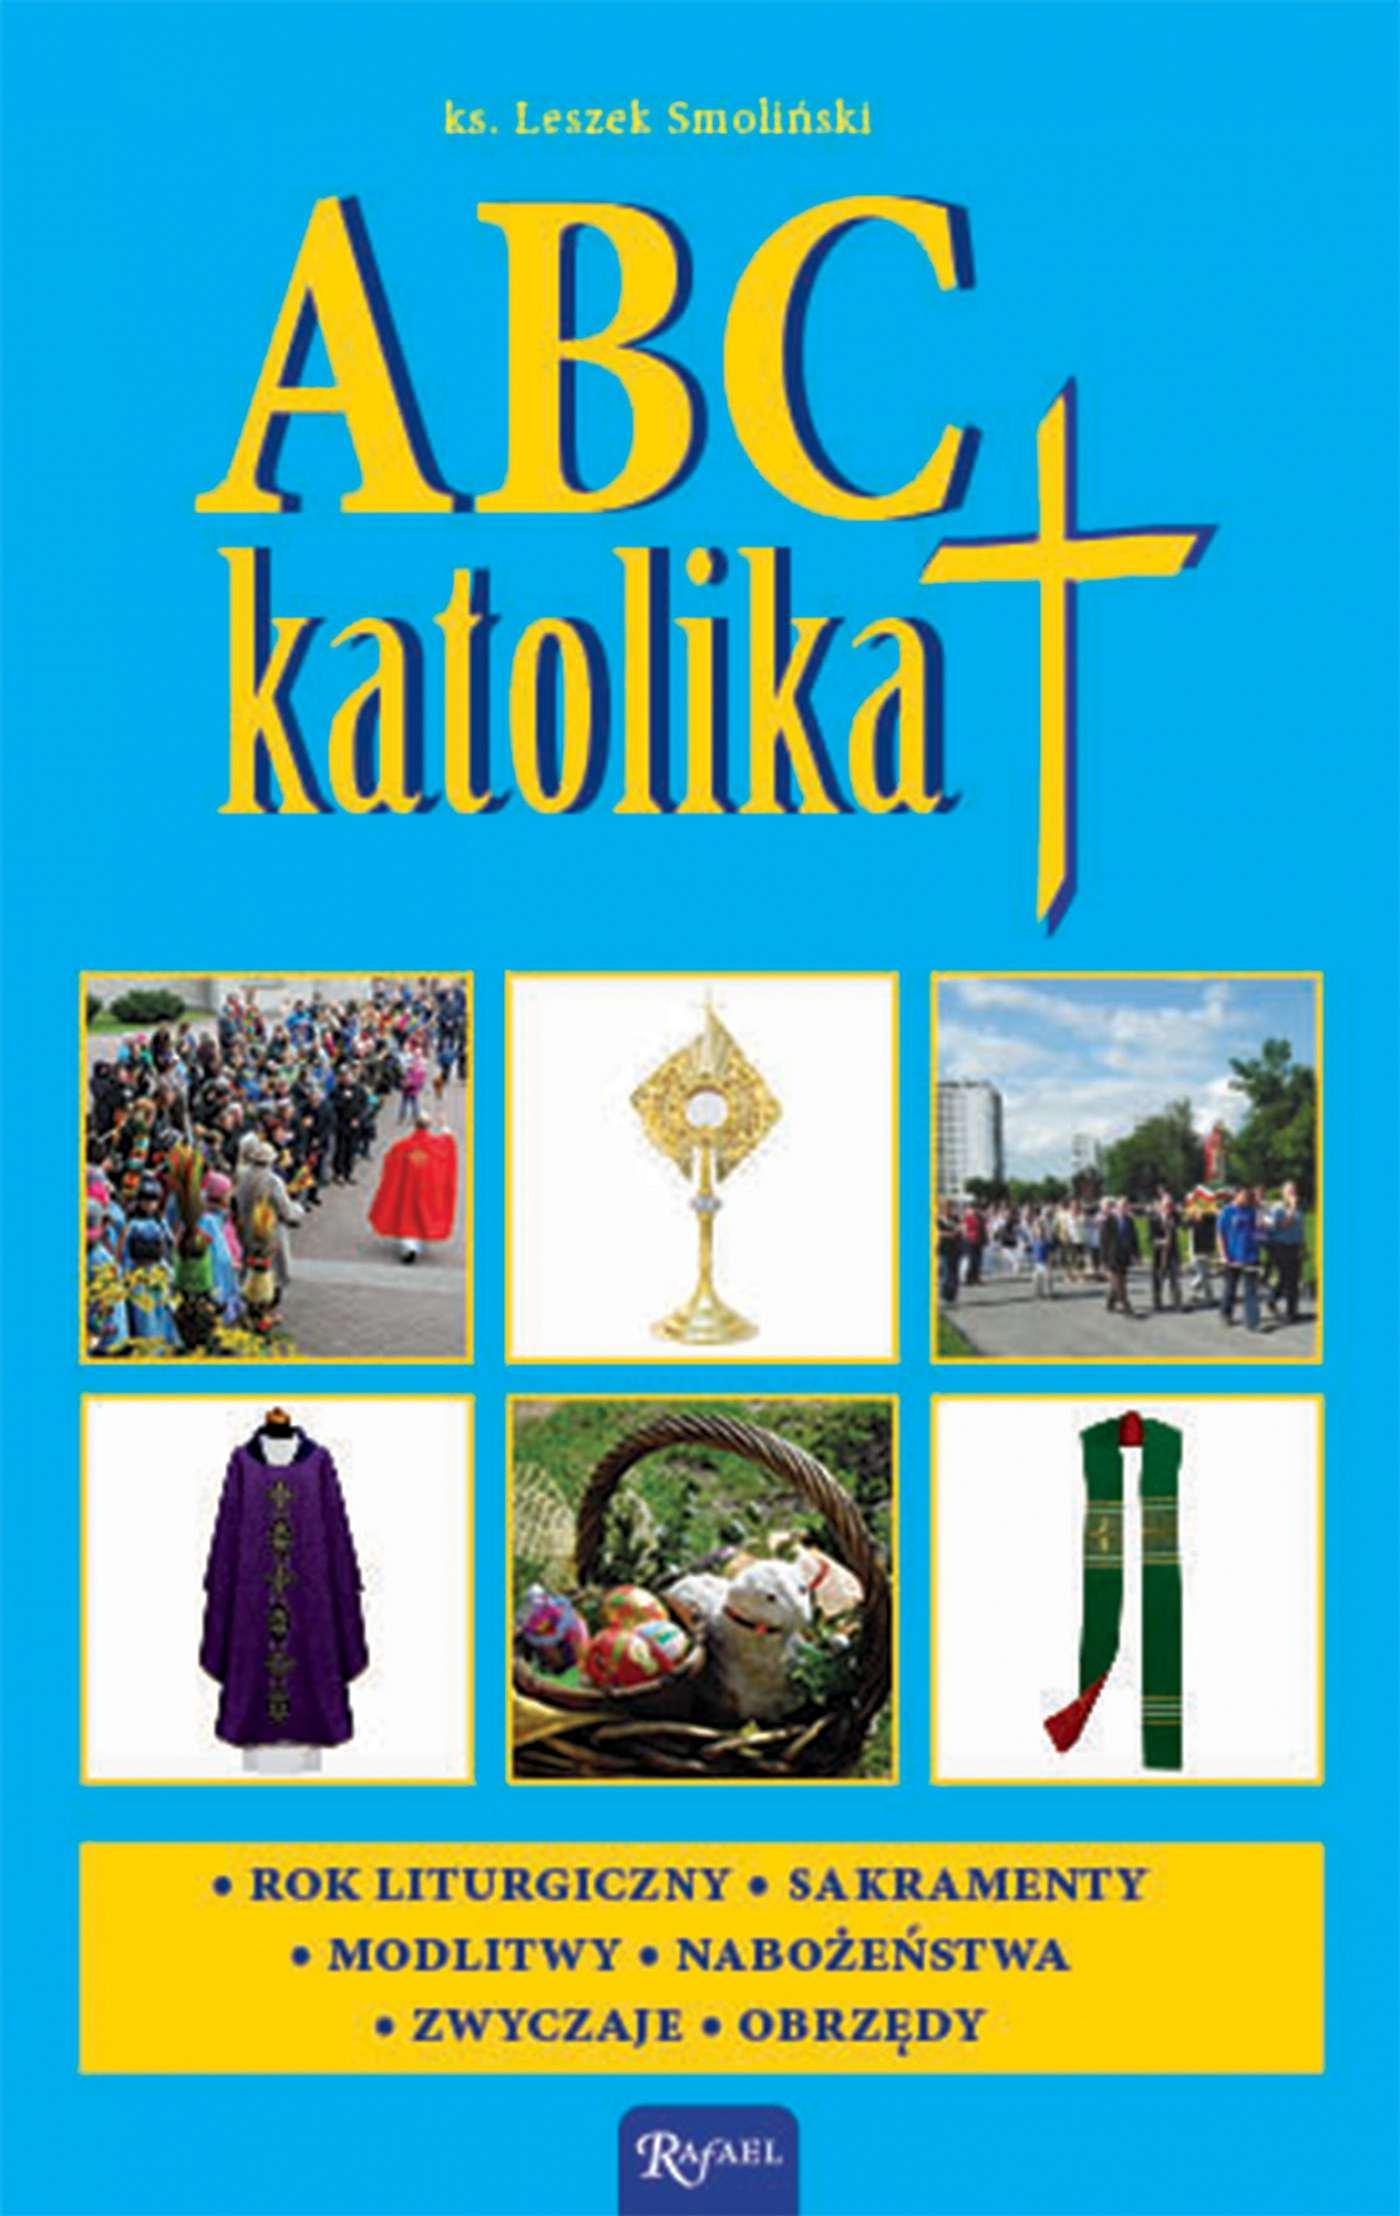 ABC katolika - Ebook (Książka PDF) do pobrania w formacie PDF